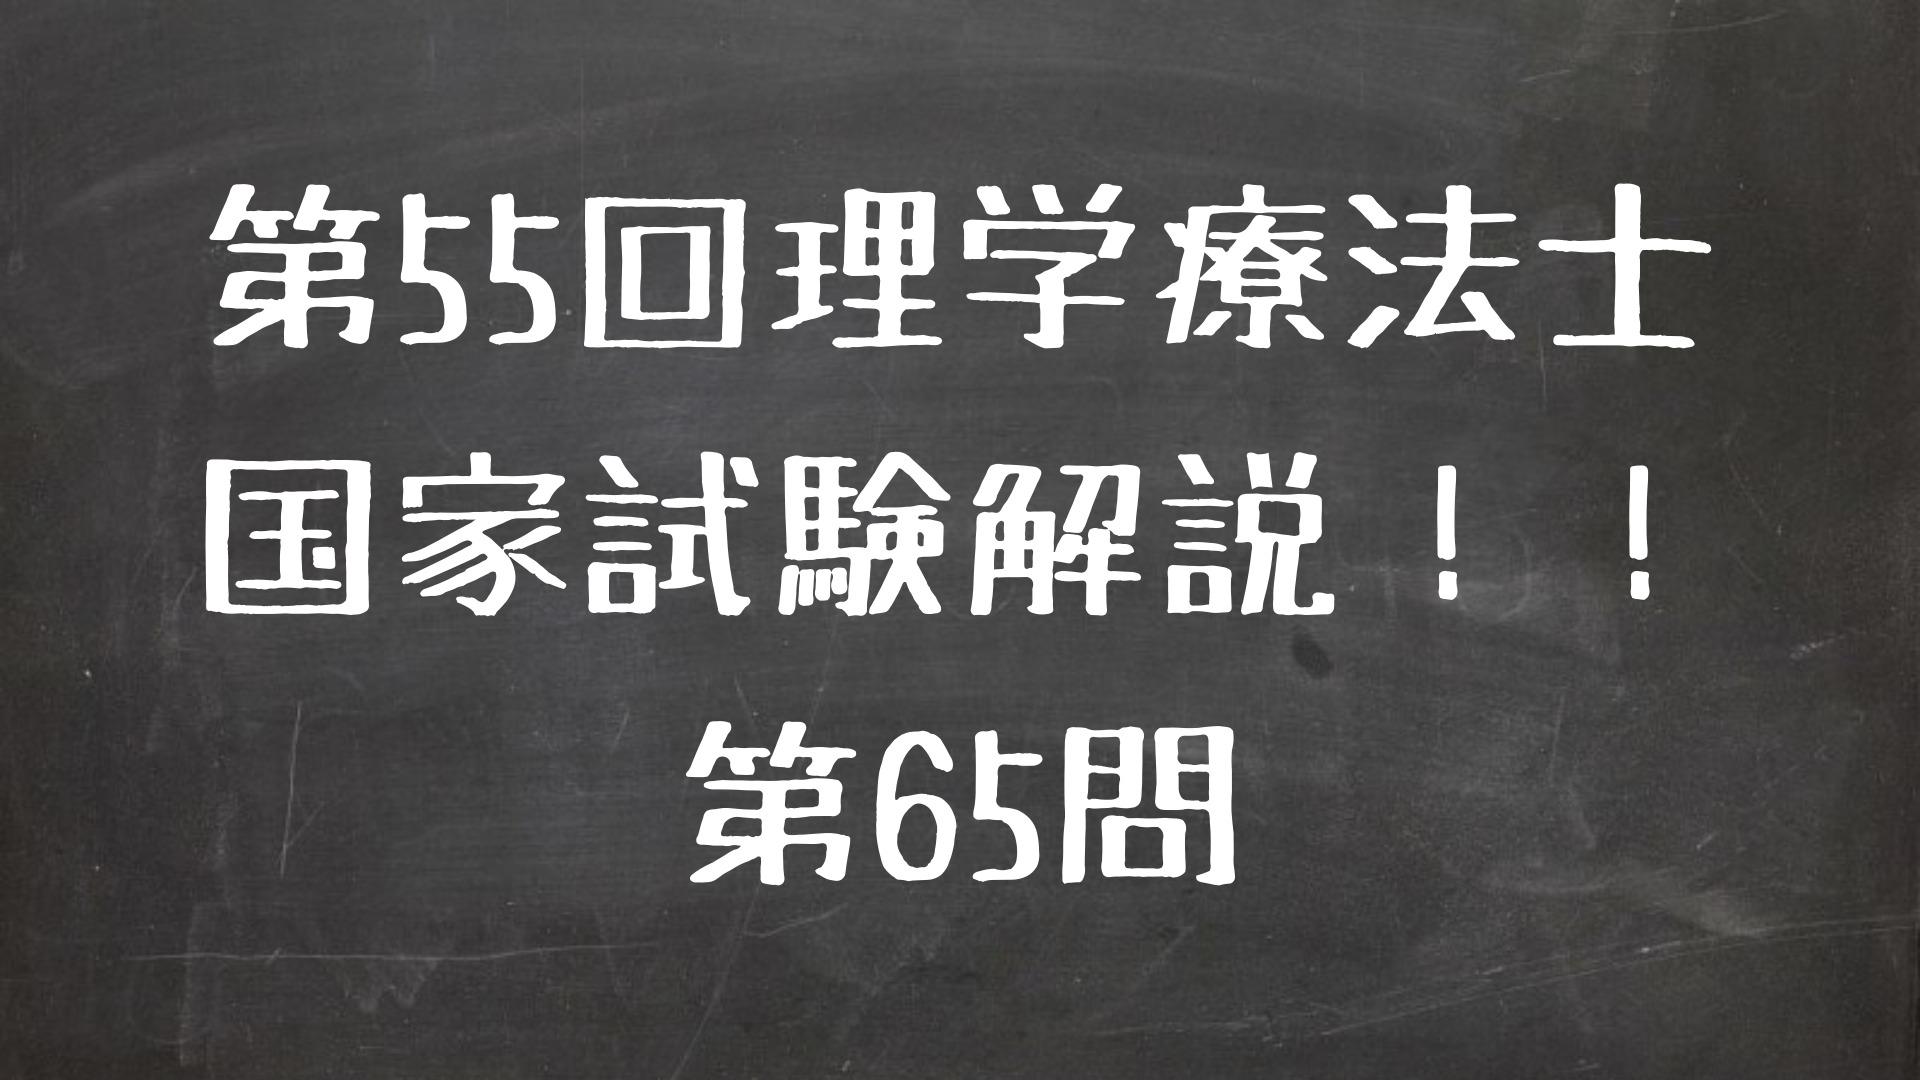 第55回理学療法士国家試験 午前 第65問